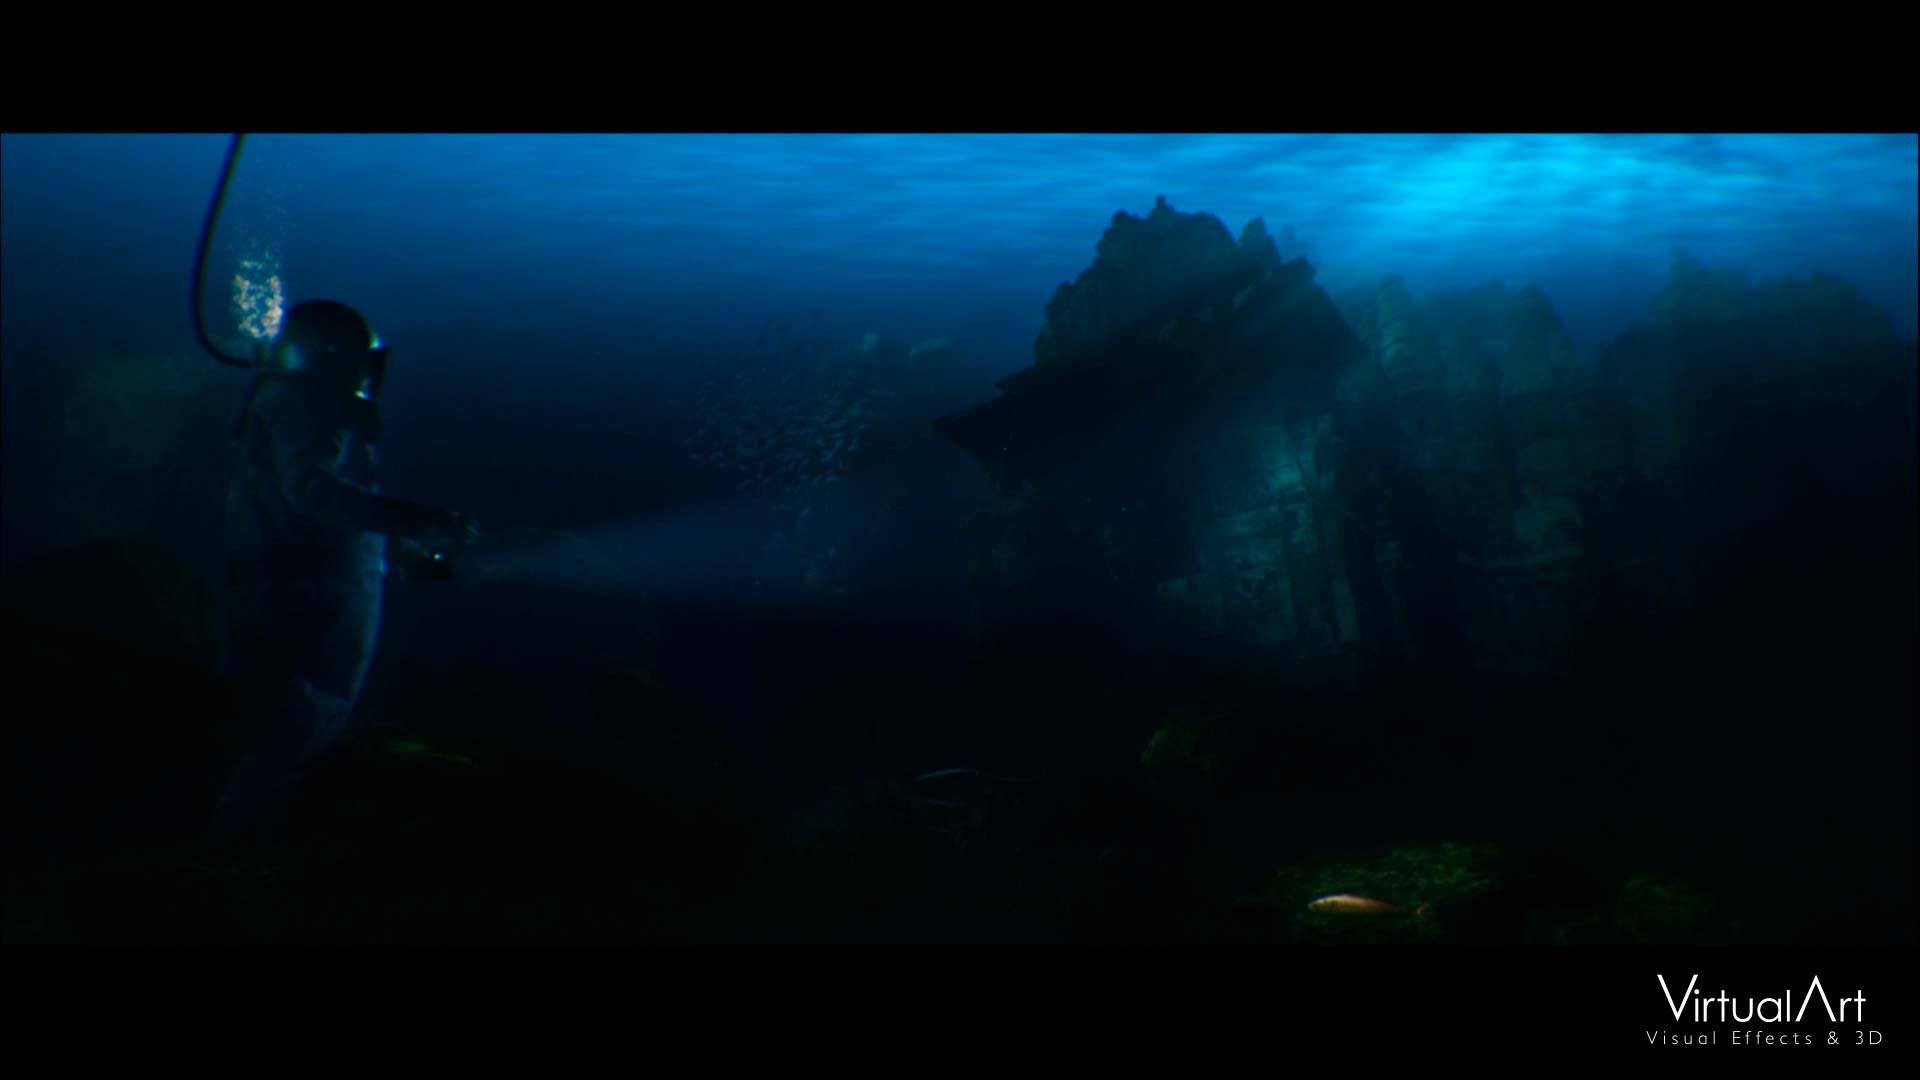 La tercera ley de Clarke Virtual Art efectos visuales VFX valencia